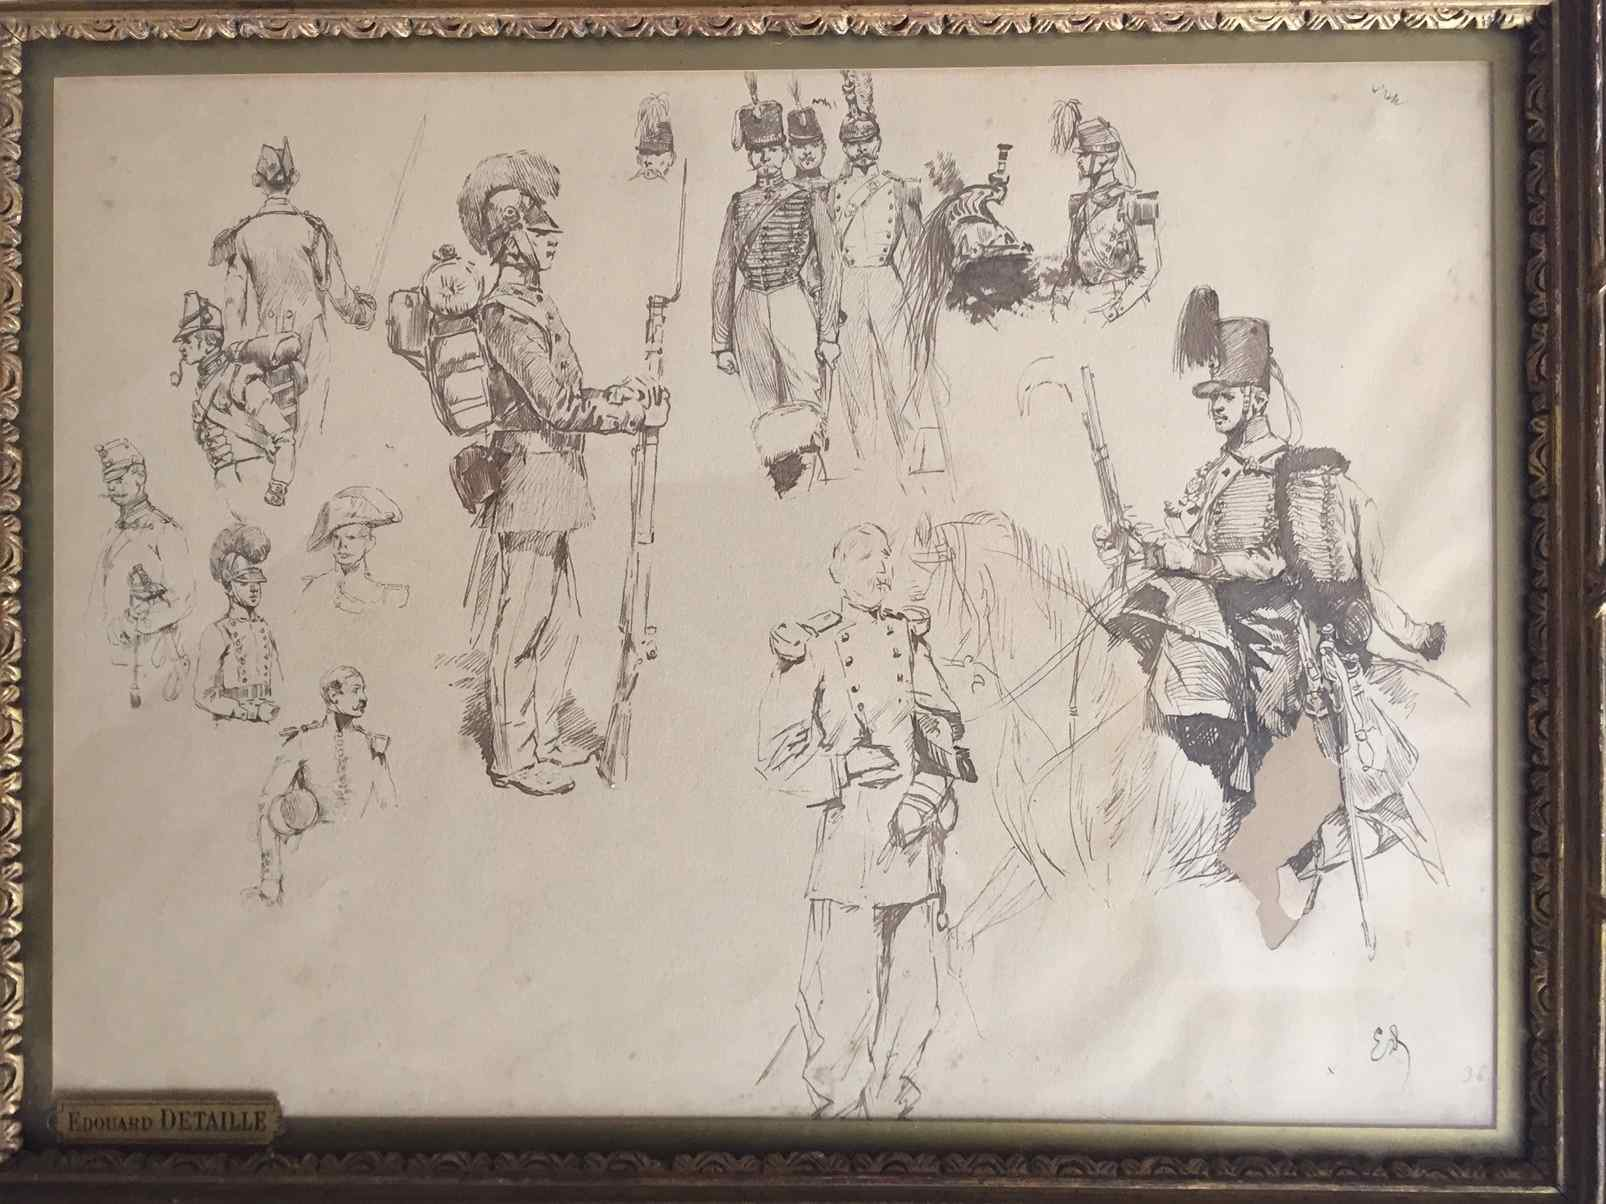 Etude de Soldats d'Edouard Detaille (184-1912)